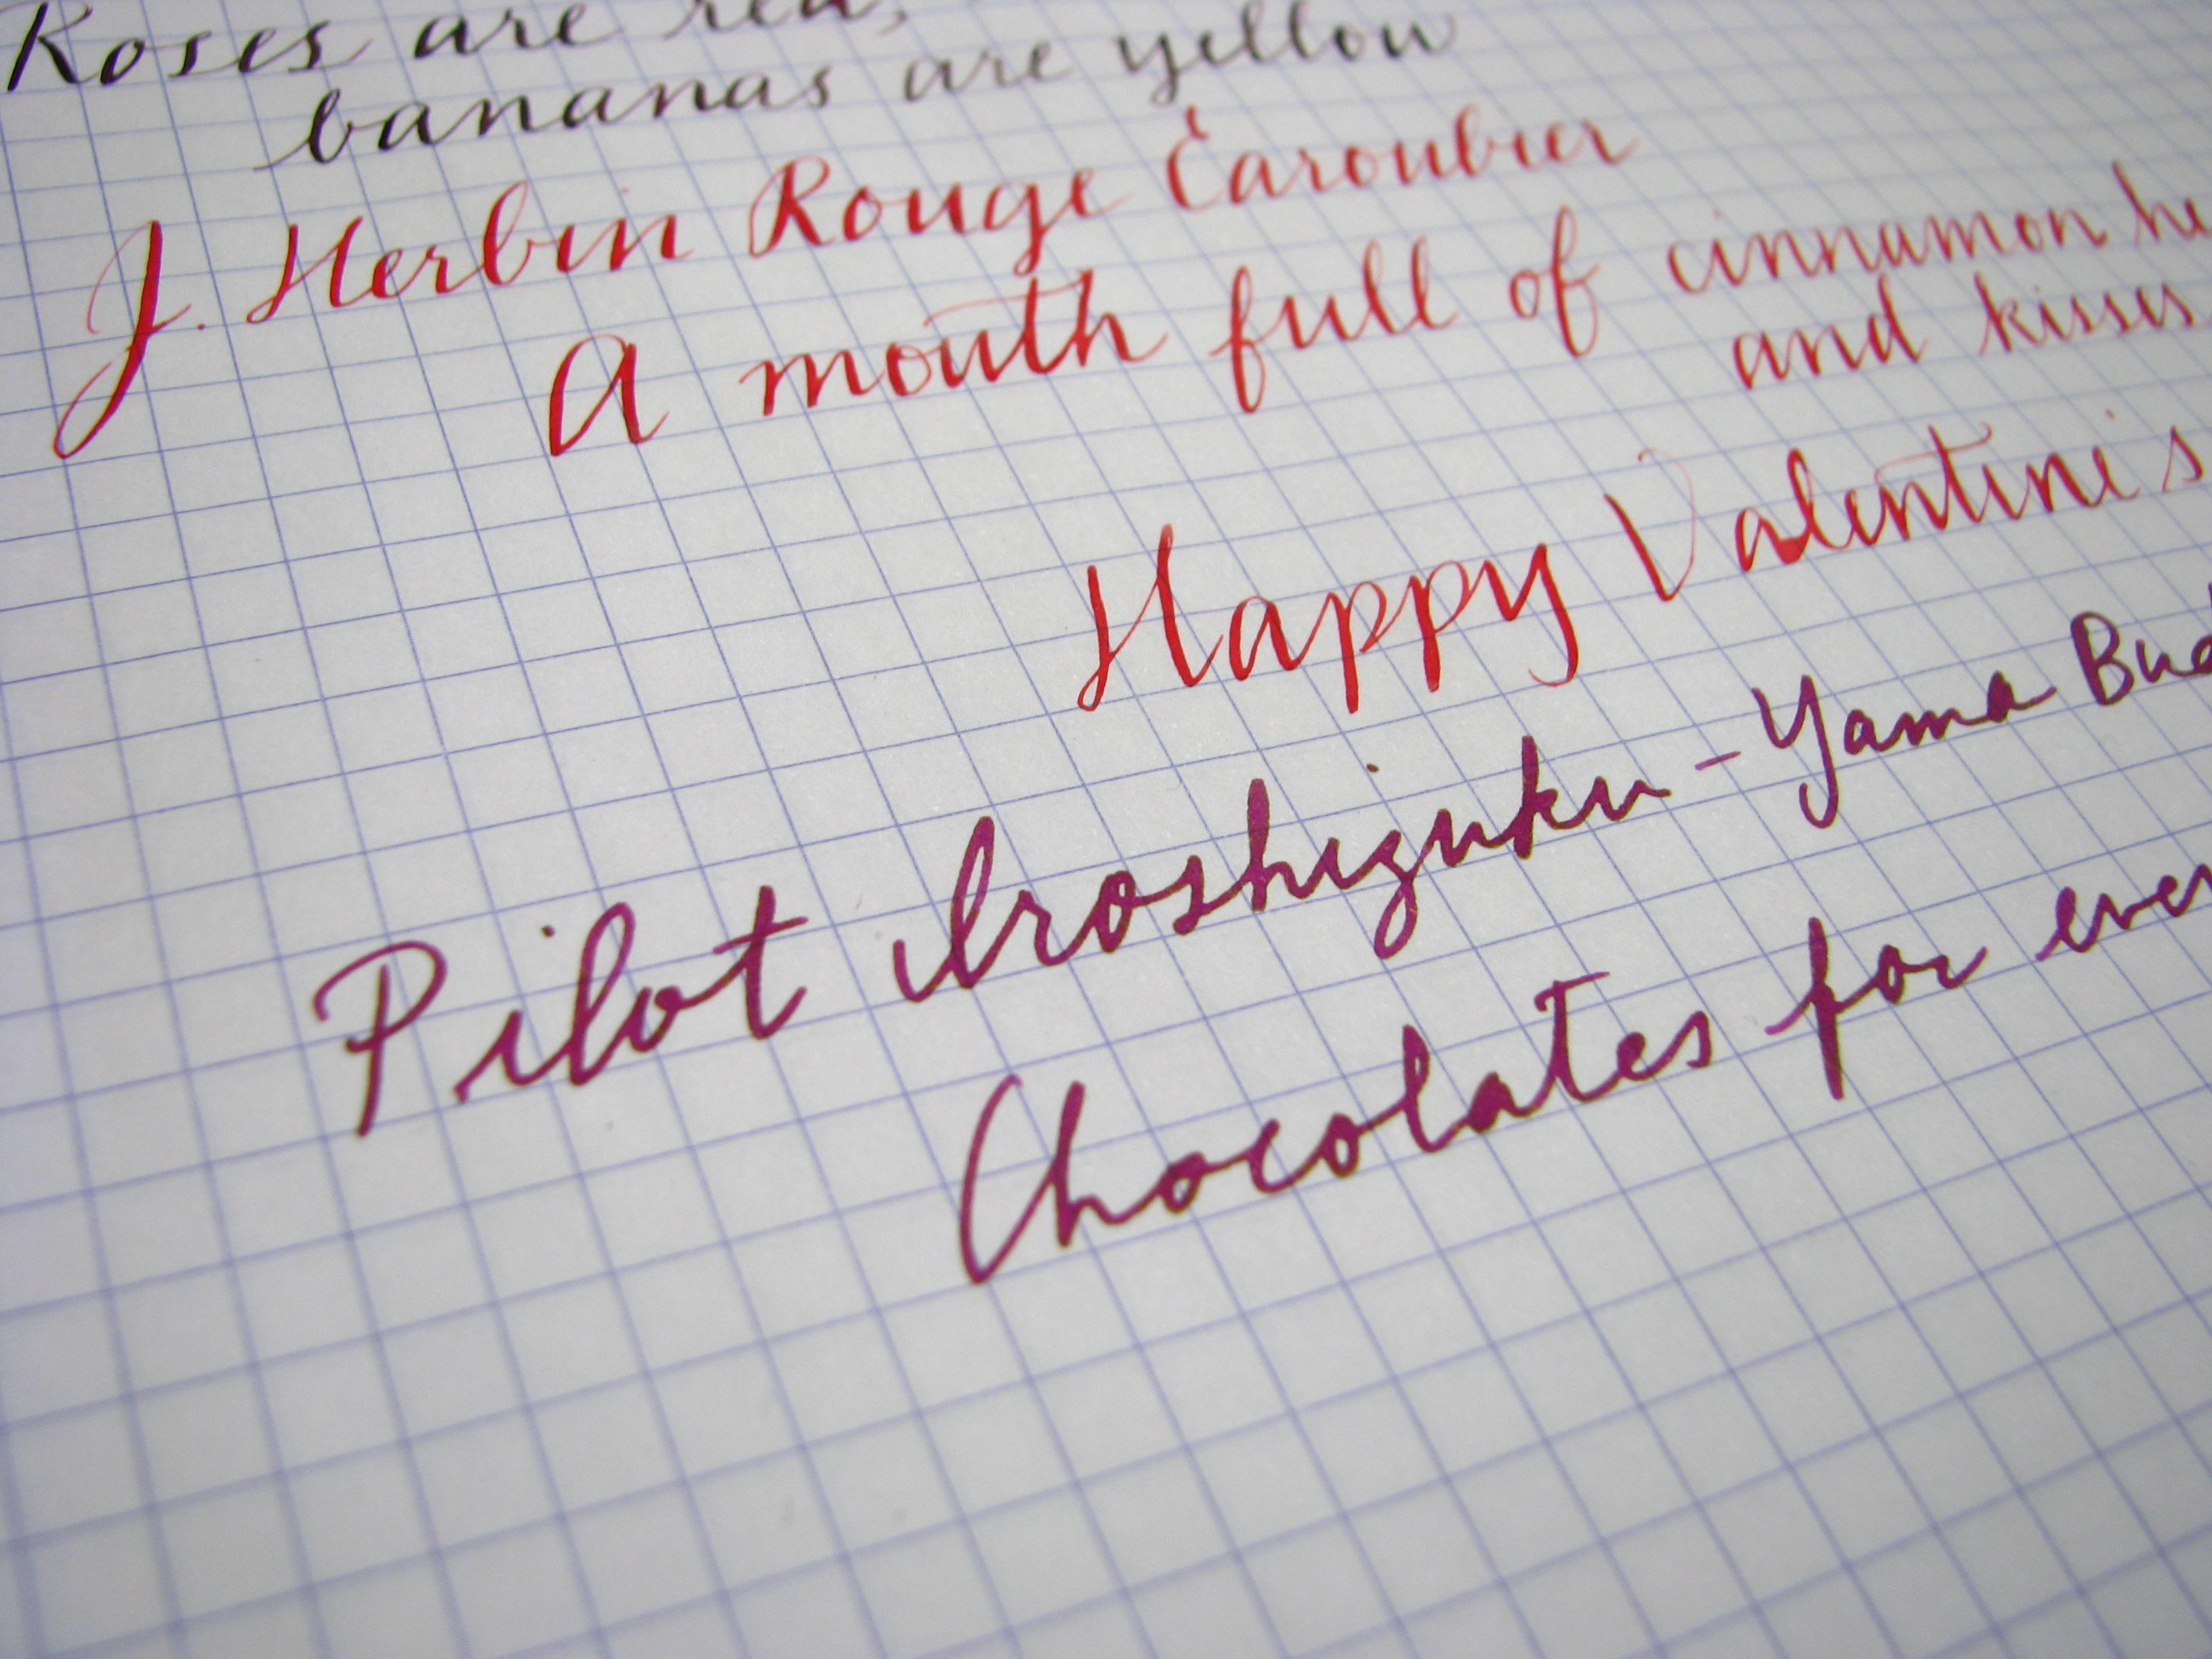 Pilot Iroshizuku Yama-Budo Writing Sample at www.wonderpens.ca